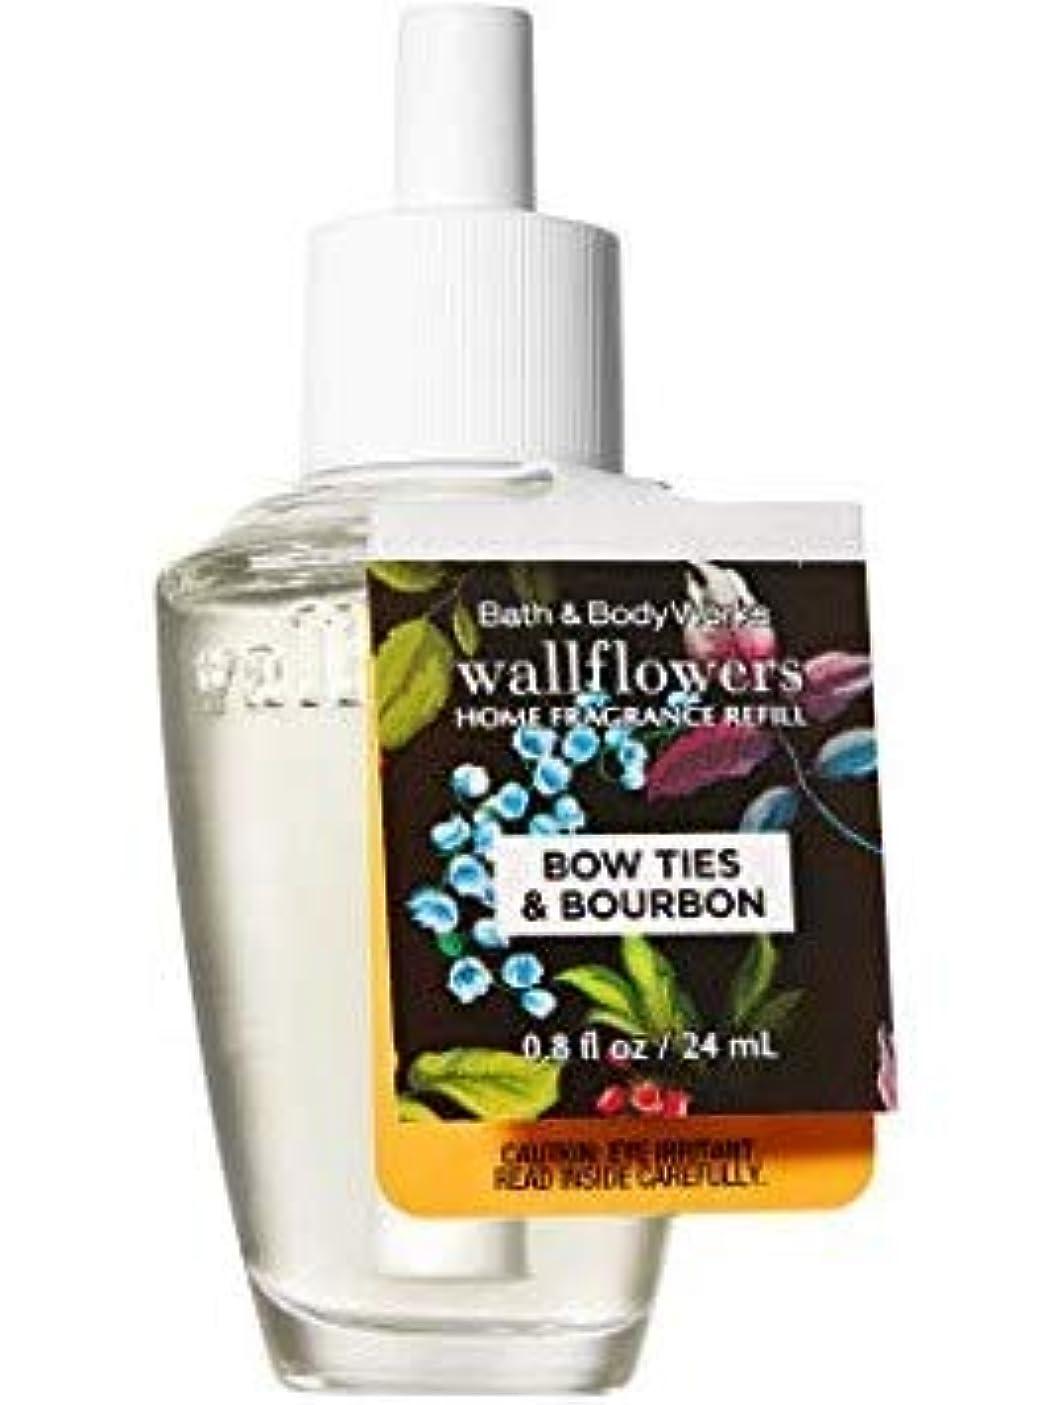 メイエラカテゴリー口【Bath&Body Works/バス&ボディワークス】 ルームフレグランス 詰替えリフィル ボウタイ&バーボン Wallflowers Home Fragrance Refill Bow Ties & Bourbon [並行輸入品]